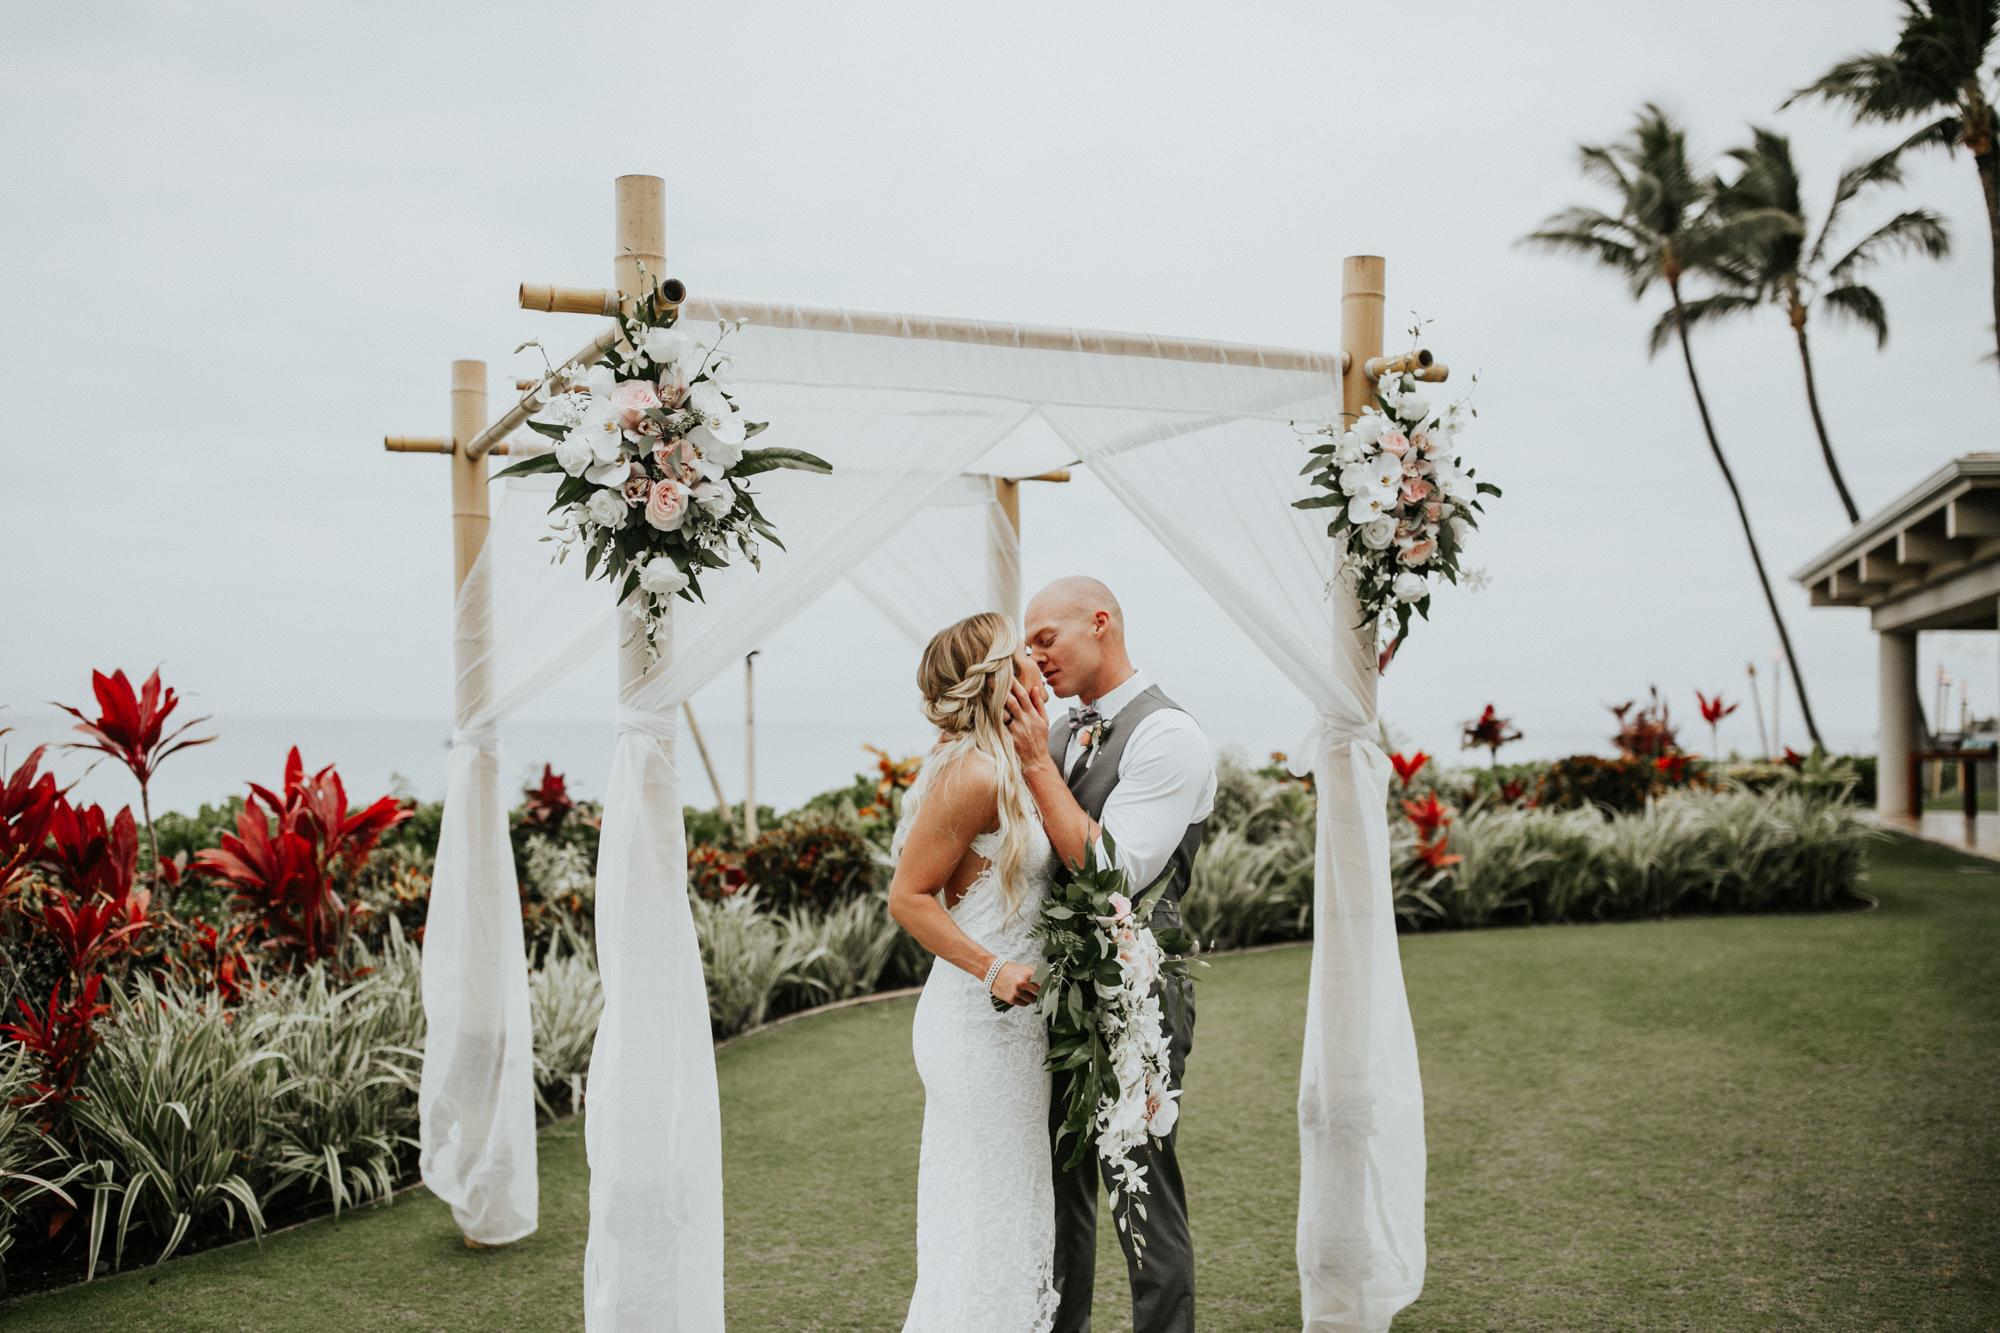 destination-wedding-photographer-hawaii-maui-elopement-60.jpg